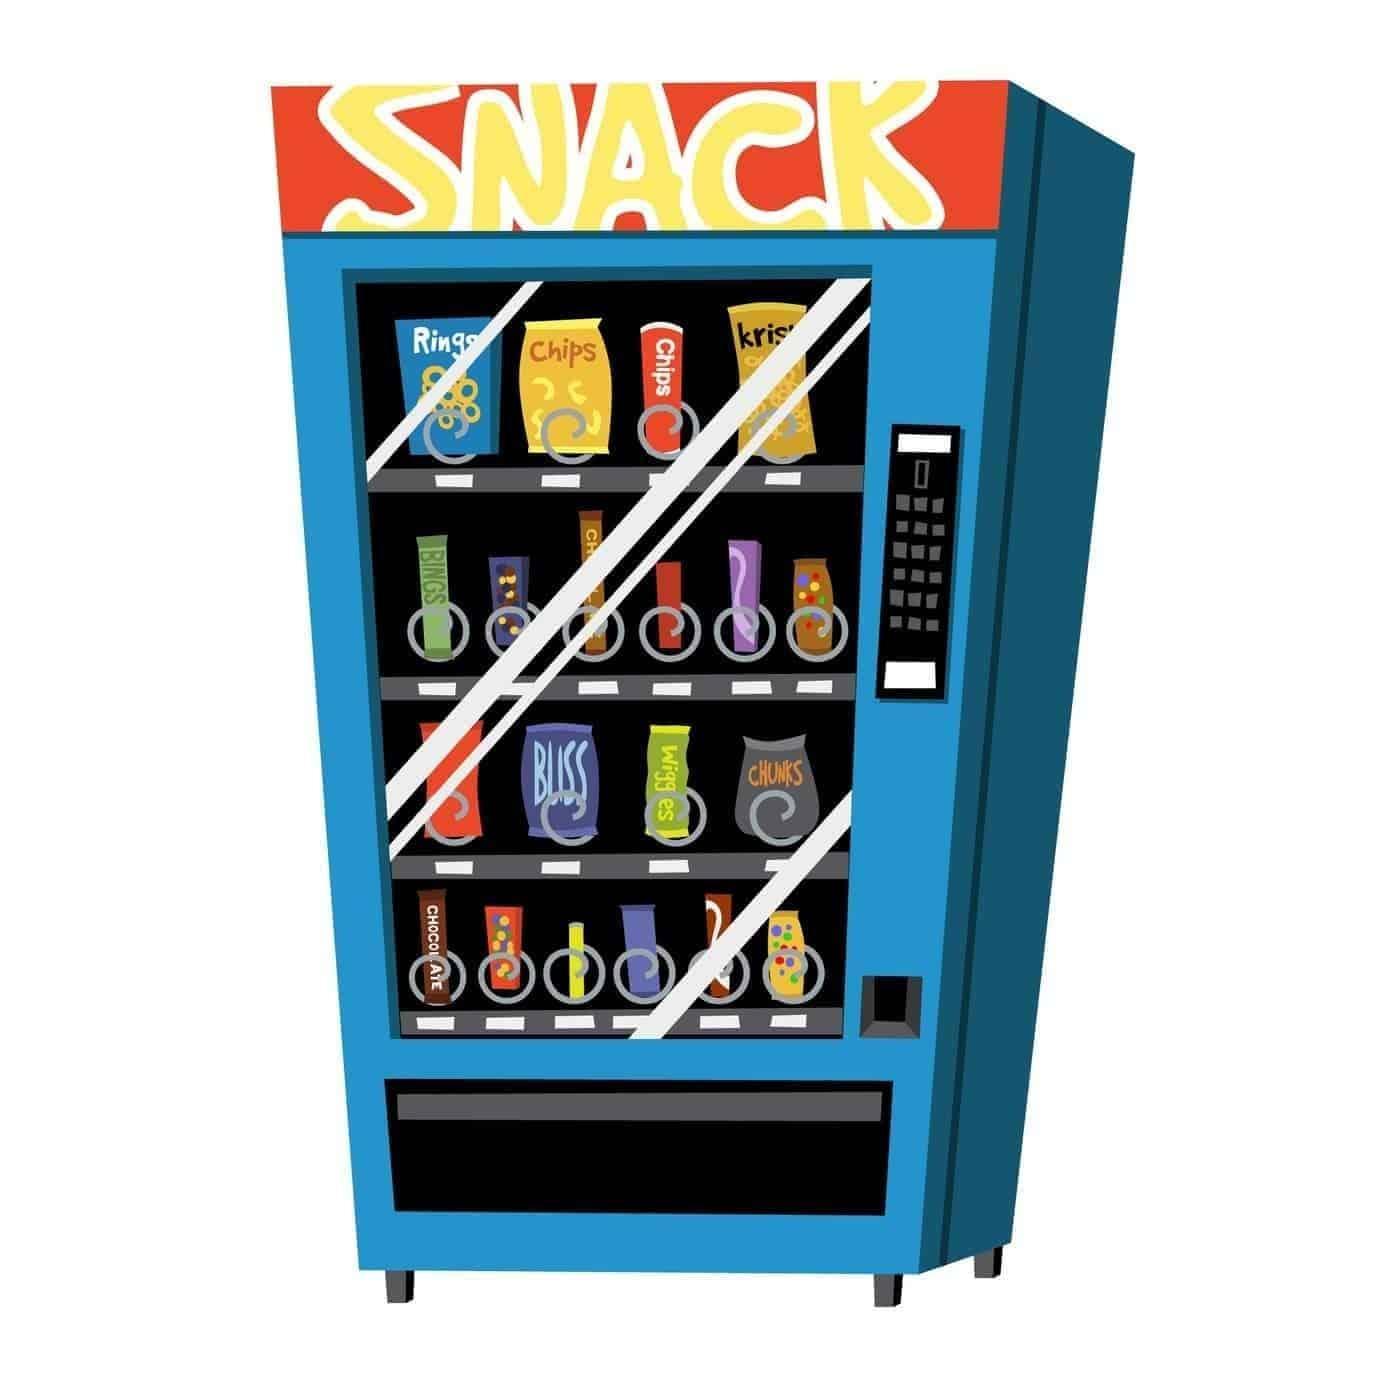 Distributeur automatique de snacks, confiseries et repas